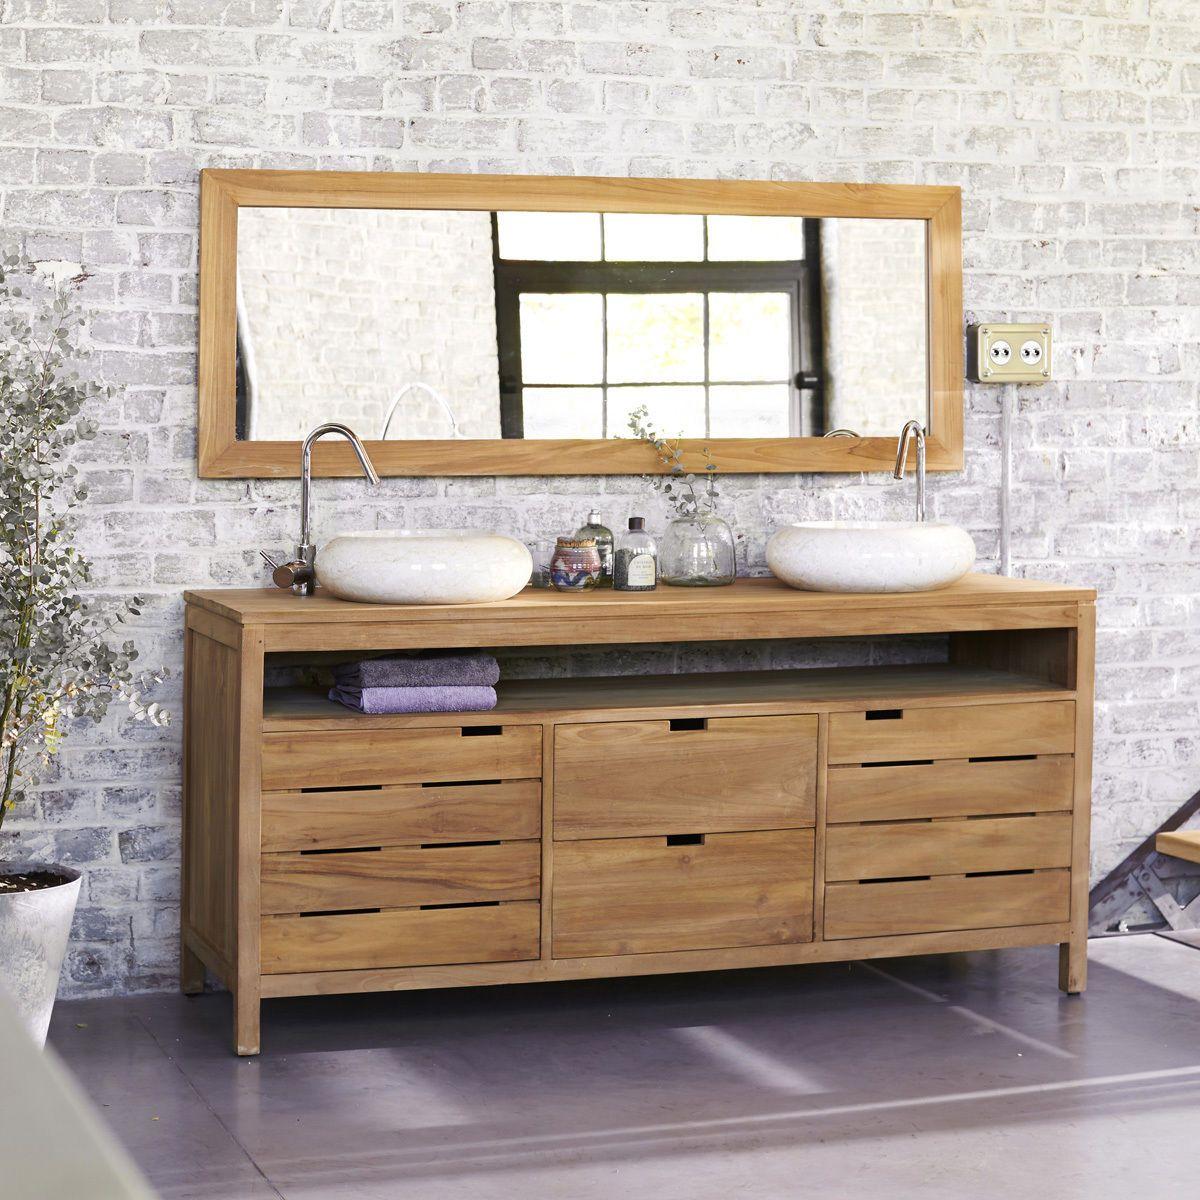 Solid Teak Wood Vanity Cabinet Wash Stand Counterdesign Drawers Bathroom Ebay Teak Bathroom Bathroom Vanity Bathroom Furniture Design